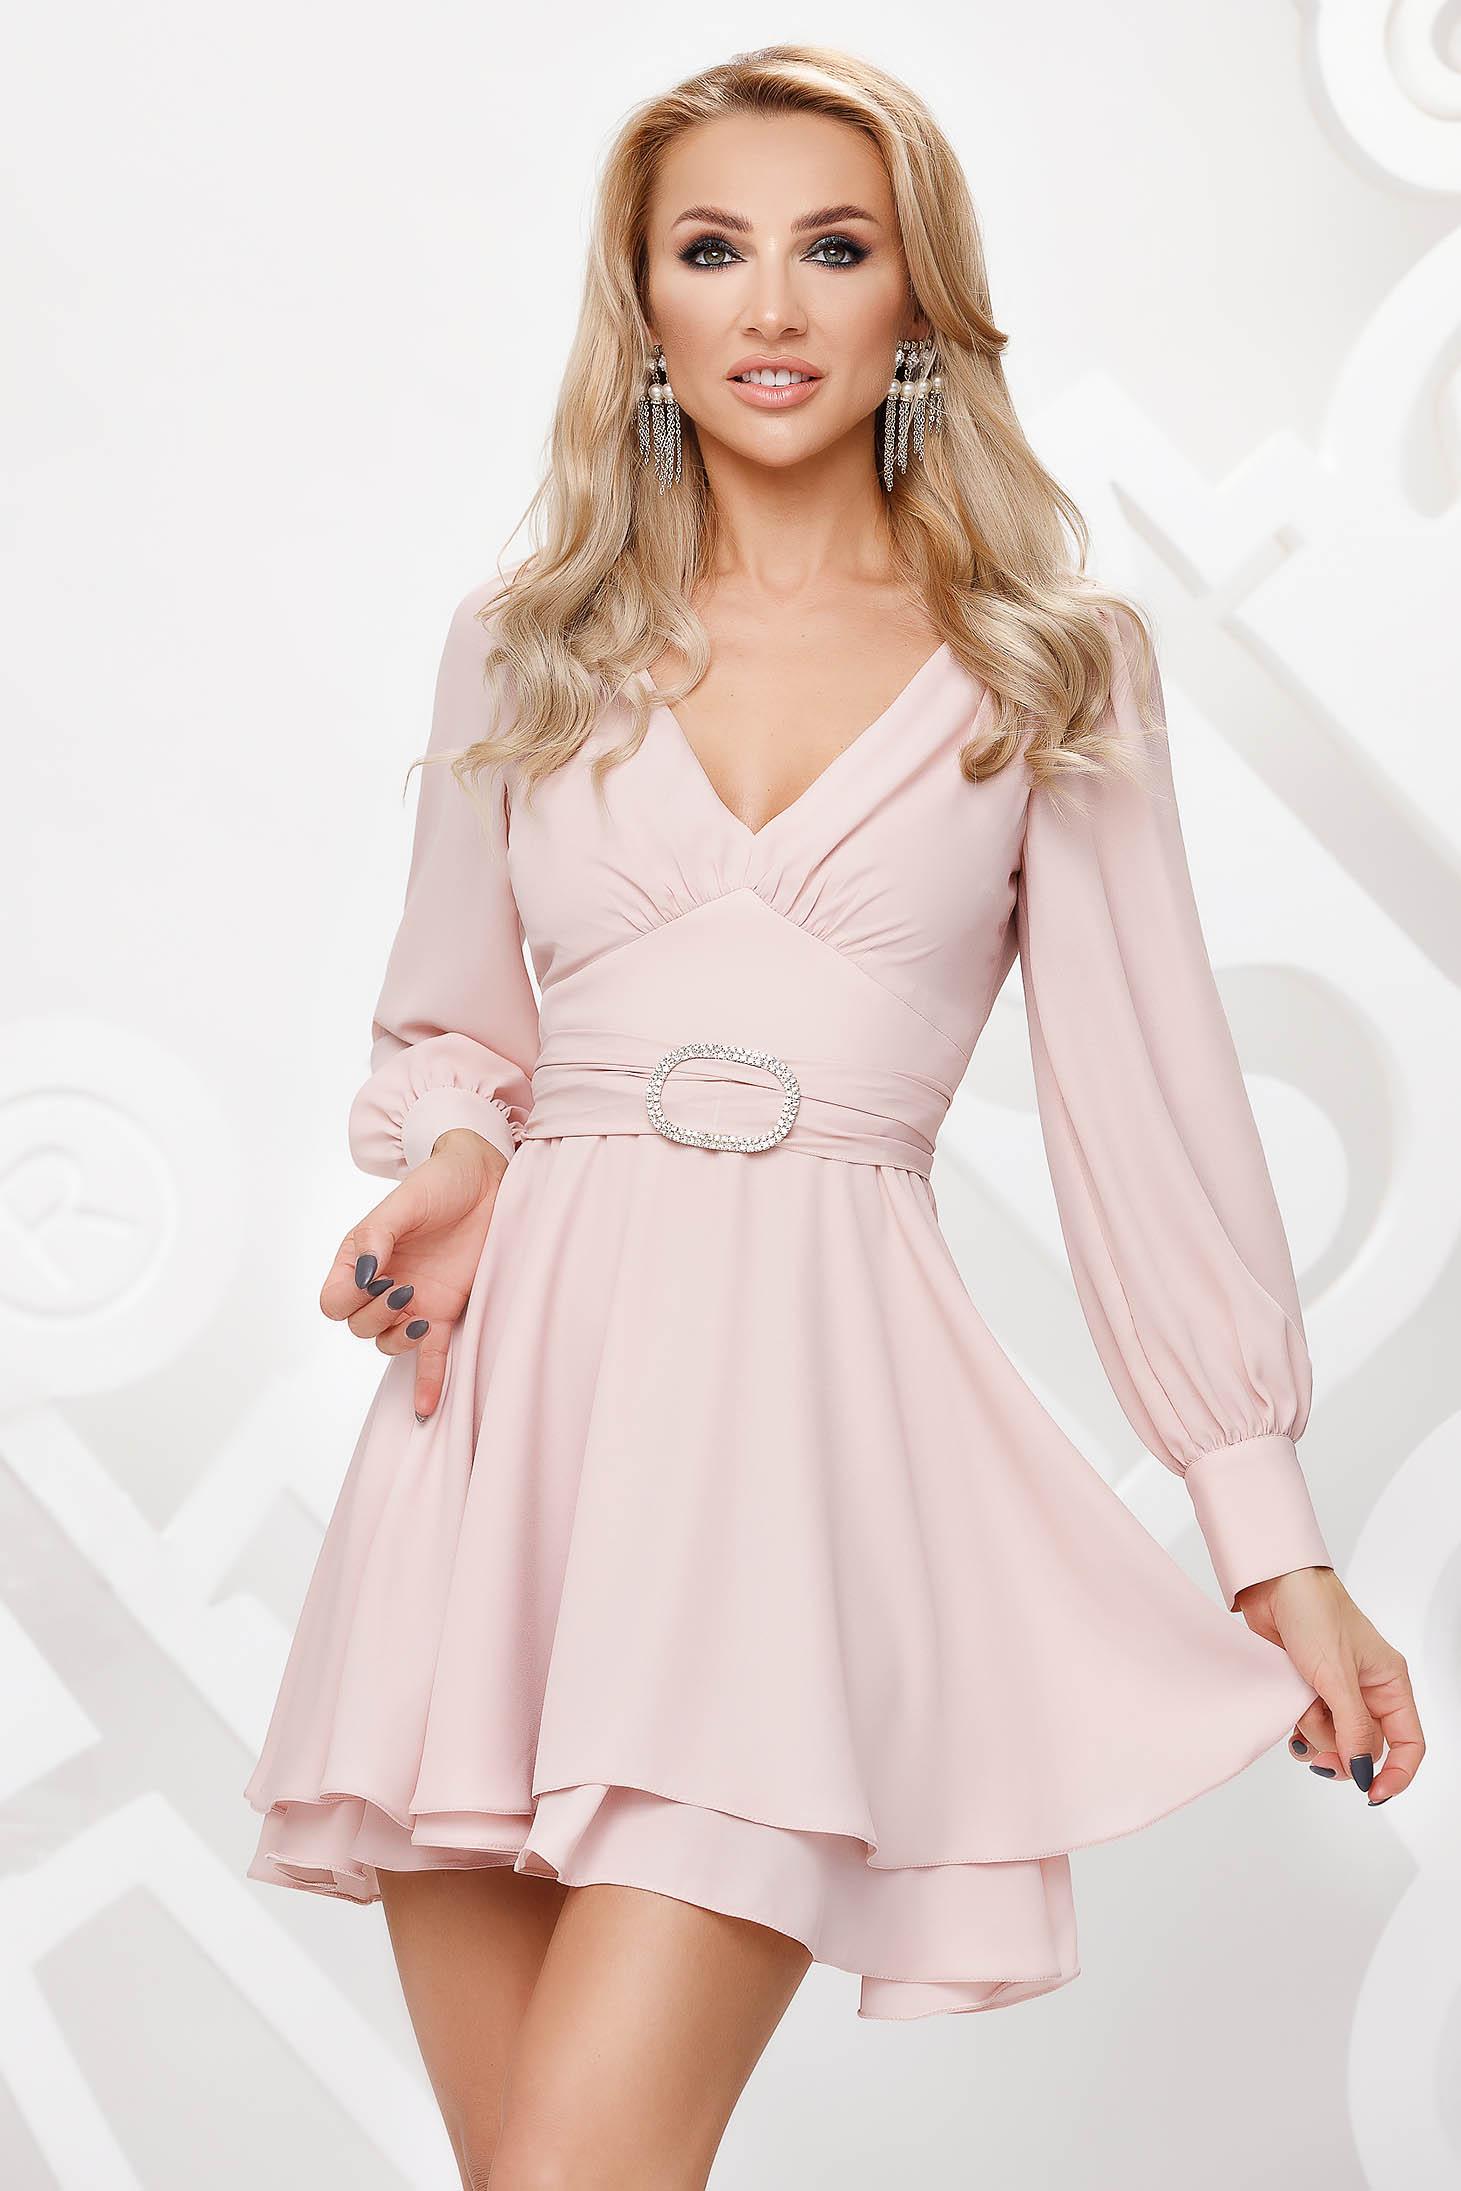 Világos rózsaszínű elegáns muszlin harang ruha strasszos kiegészítővel ellátva